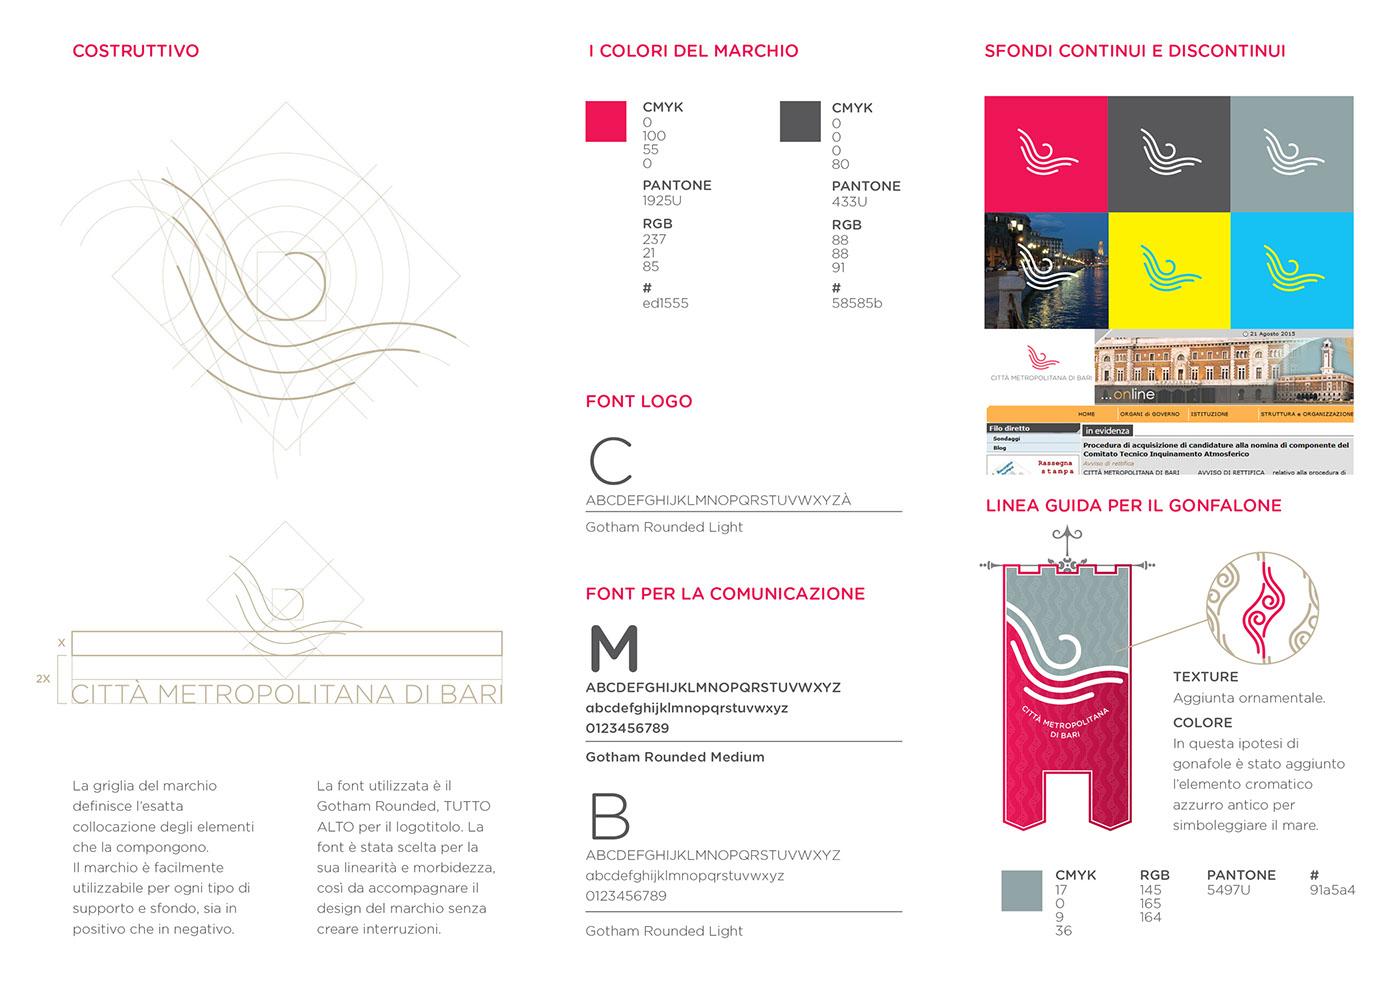 bari logo brand identity identity stemma gonfalone graphic Project CONCORSO bando